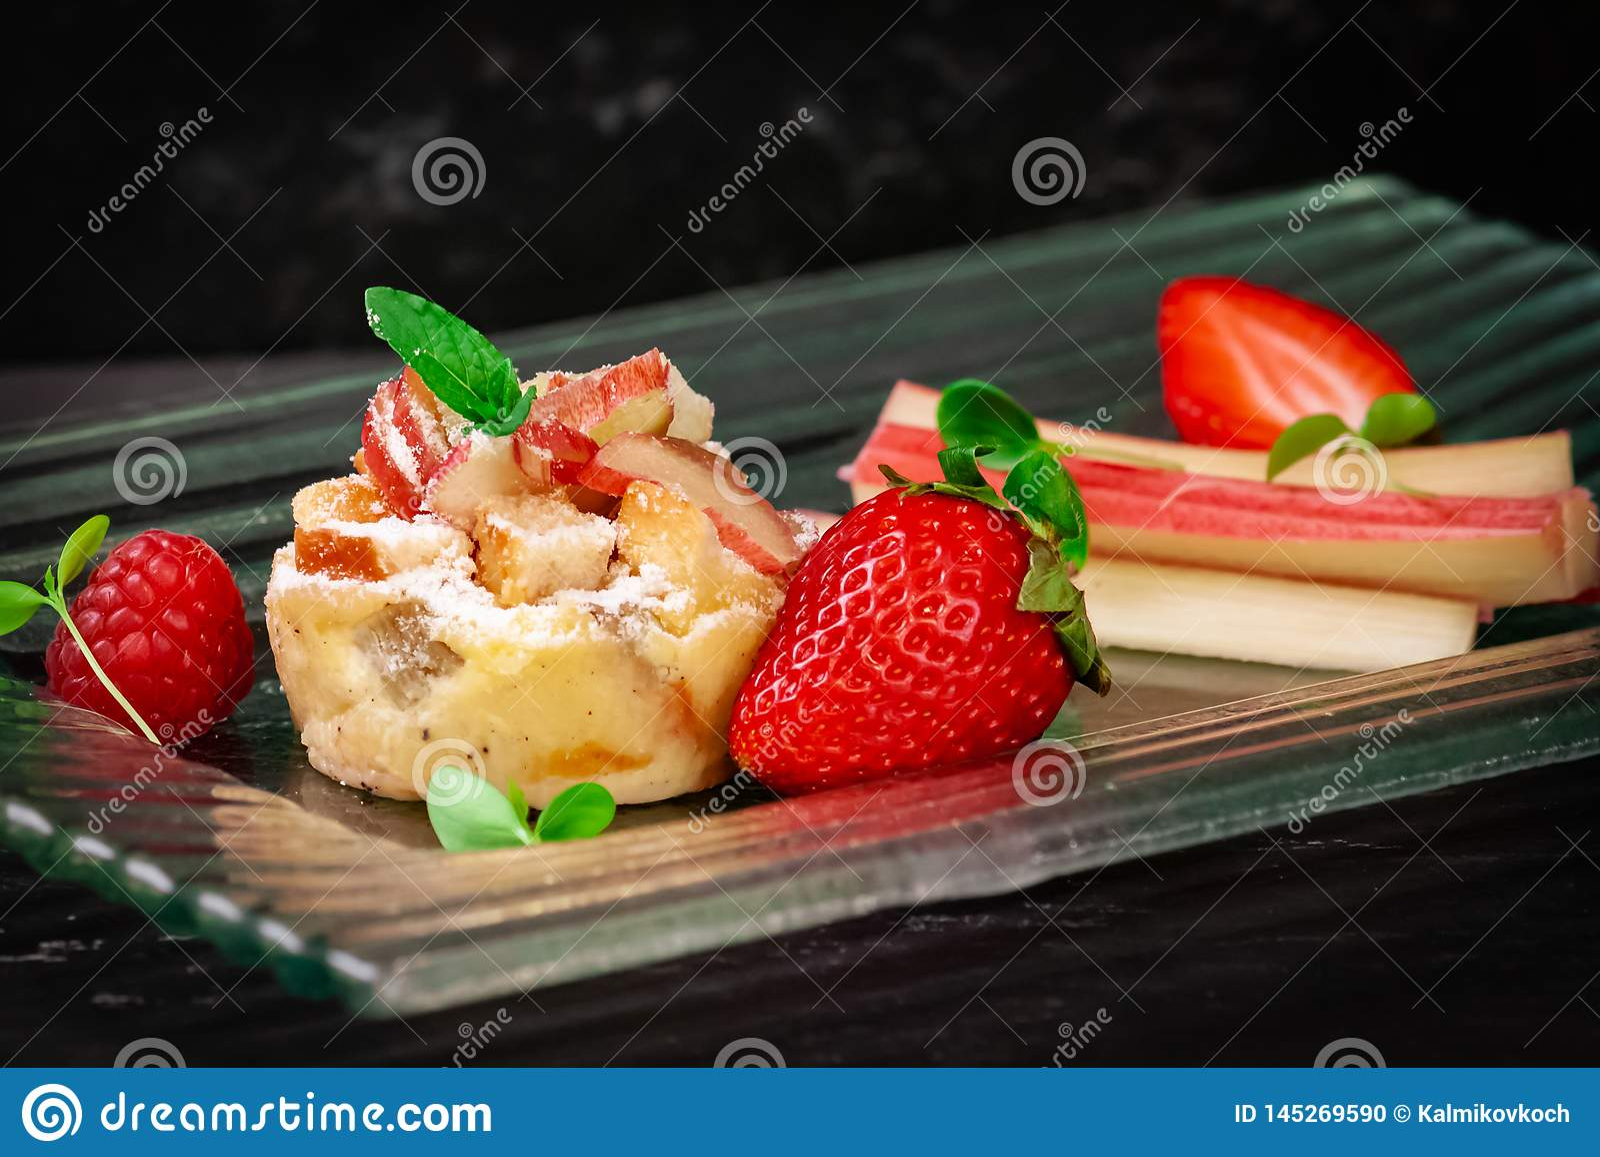 Rabarbaru tort z truskawką na szklanego talerza bocznym widoku